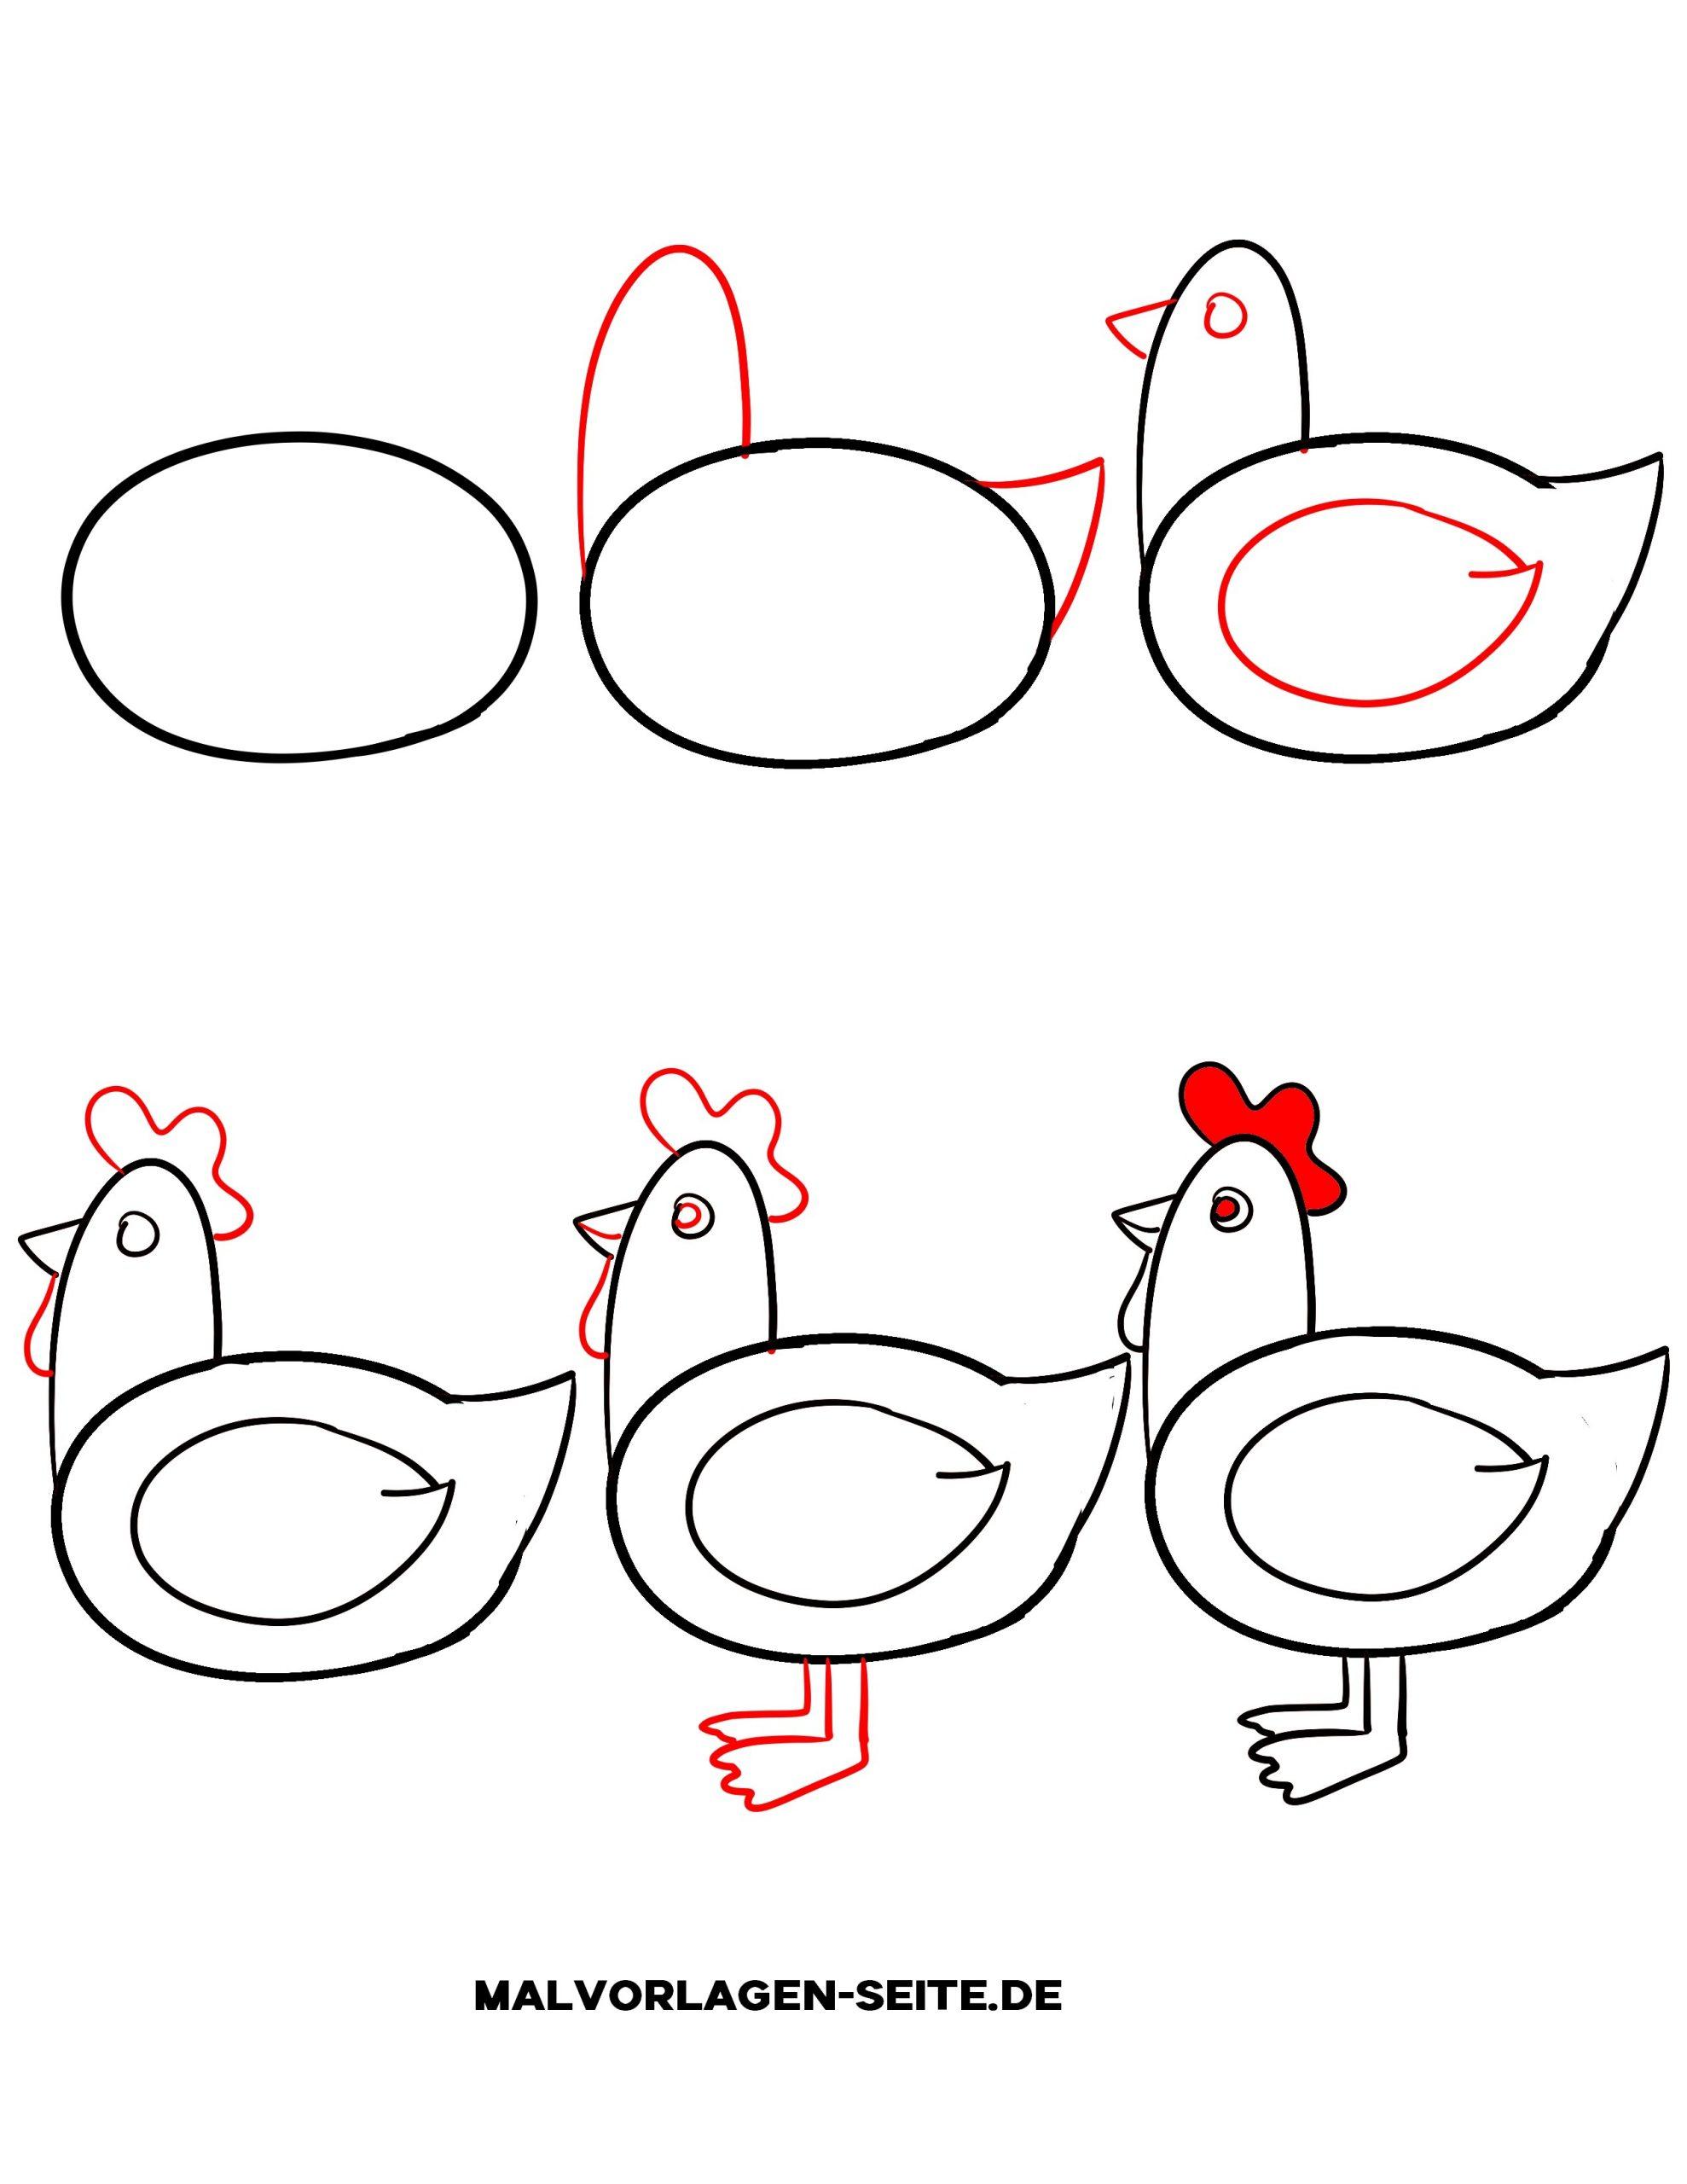 Wie Zeichnet Man Ein Huhn - Ausmalbilder Kostenlos Herunterladen für Kinder Lernen Zeichnen Und Malen